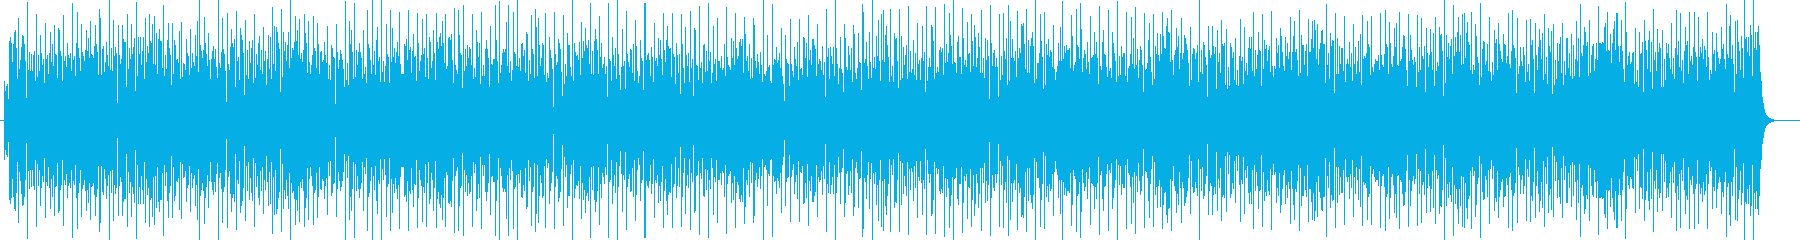 リズミカルで親しみやすいテクノポップの再生済みの波形